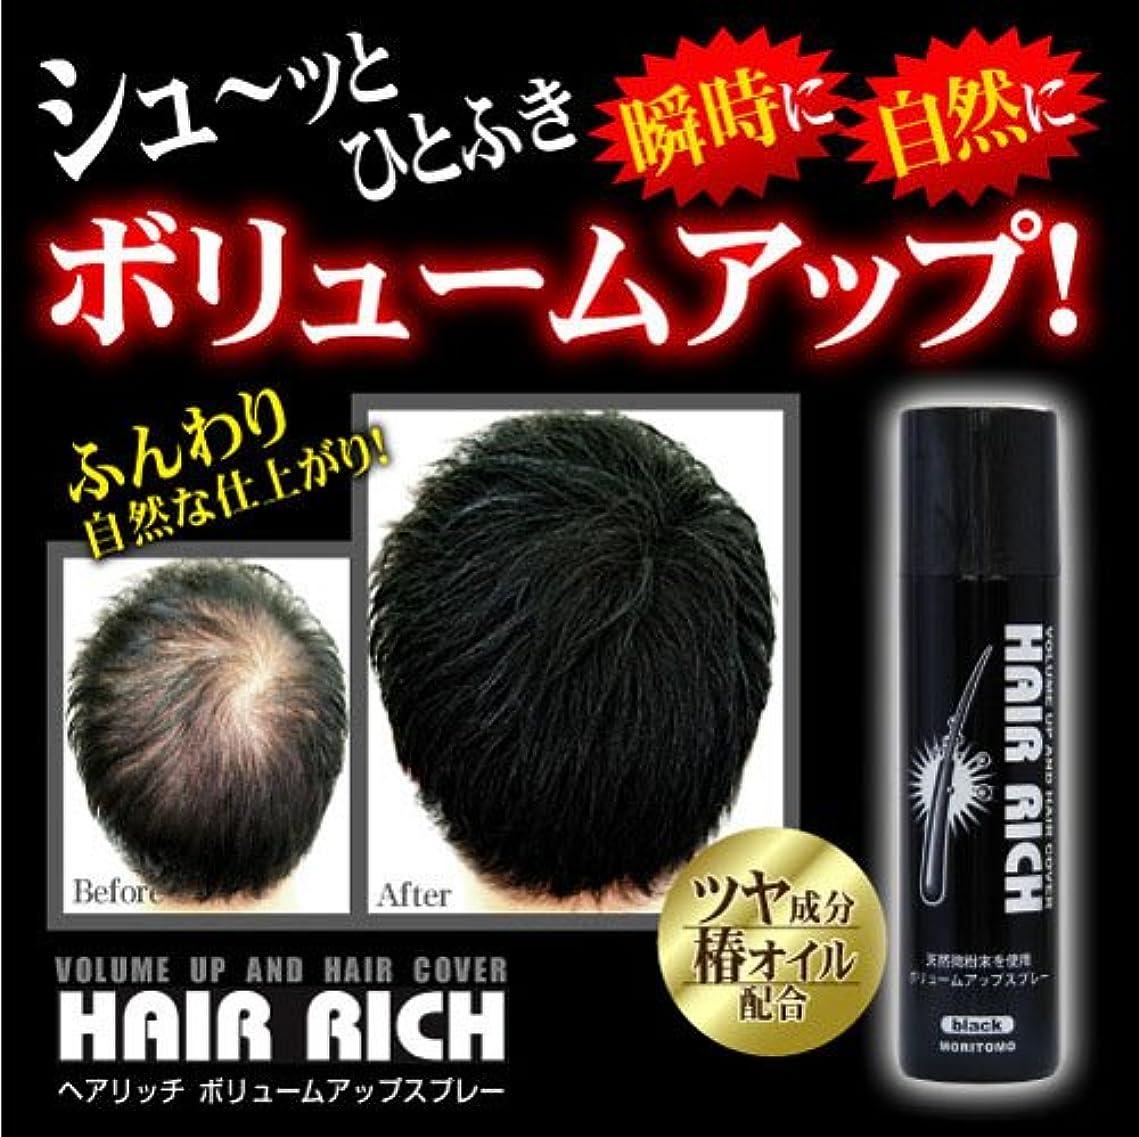 球体カウボーイキャンプヘアリッチ ボリュームアップスプレー【HAIR RICH】 育毛剤 発毛剤 増毛剤 増毛 スプレー